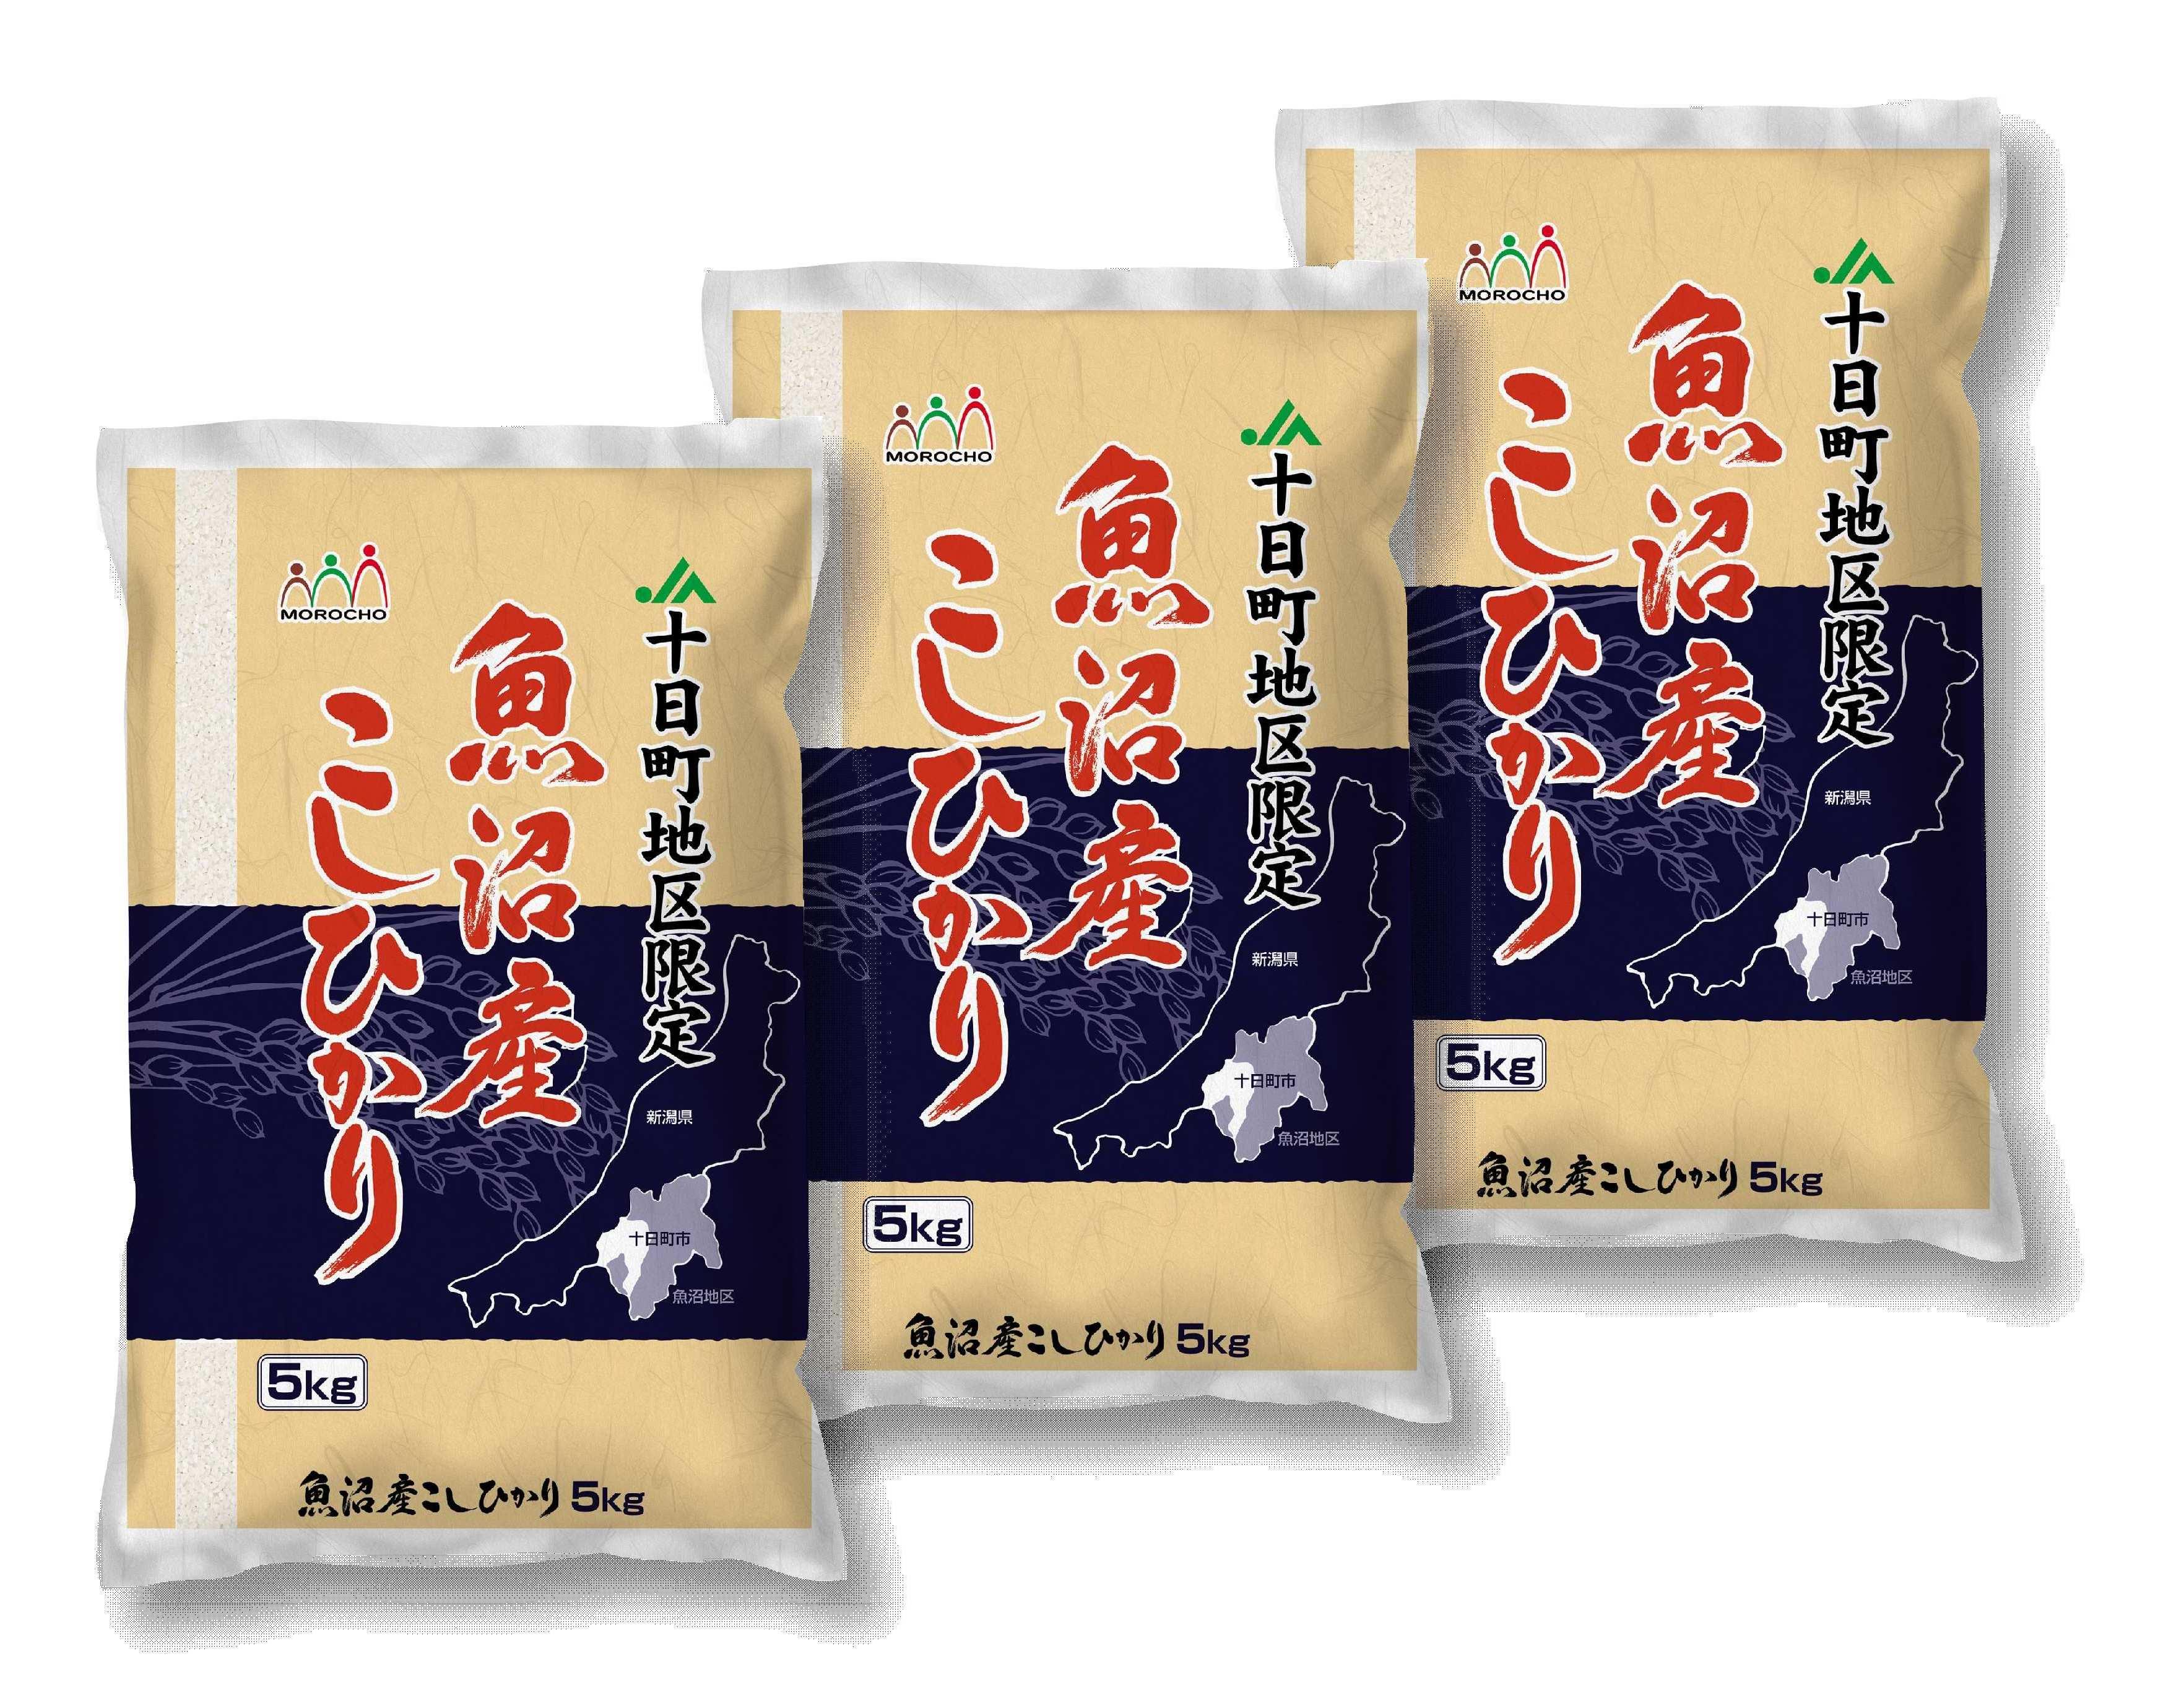 【新潟県】十日町地区限定 魚沼産コシヒカリ 15kg(5kg×3)